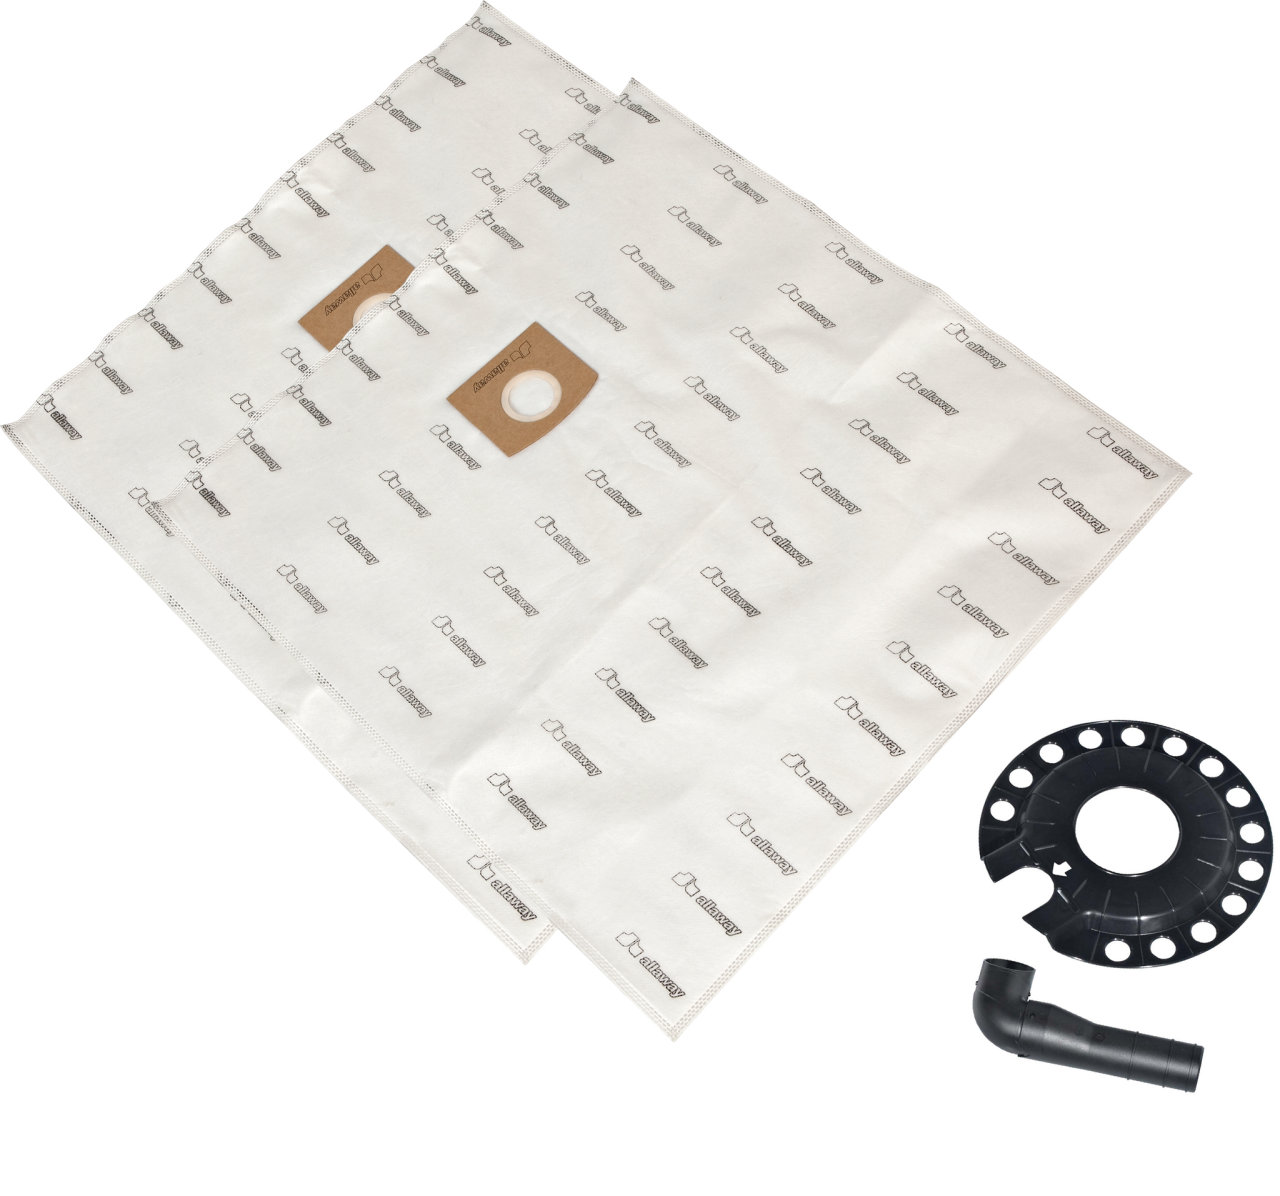 Комплект для монтажа пылевого мешка, 13 л, включен пылевой мешок из микрофибры, серия С, DV 30